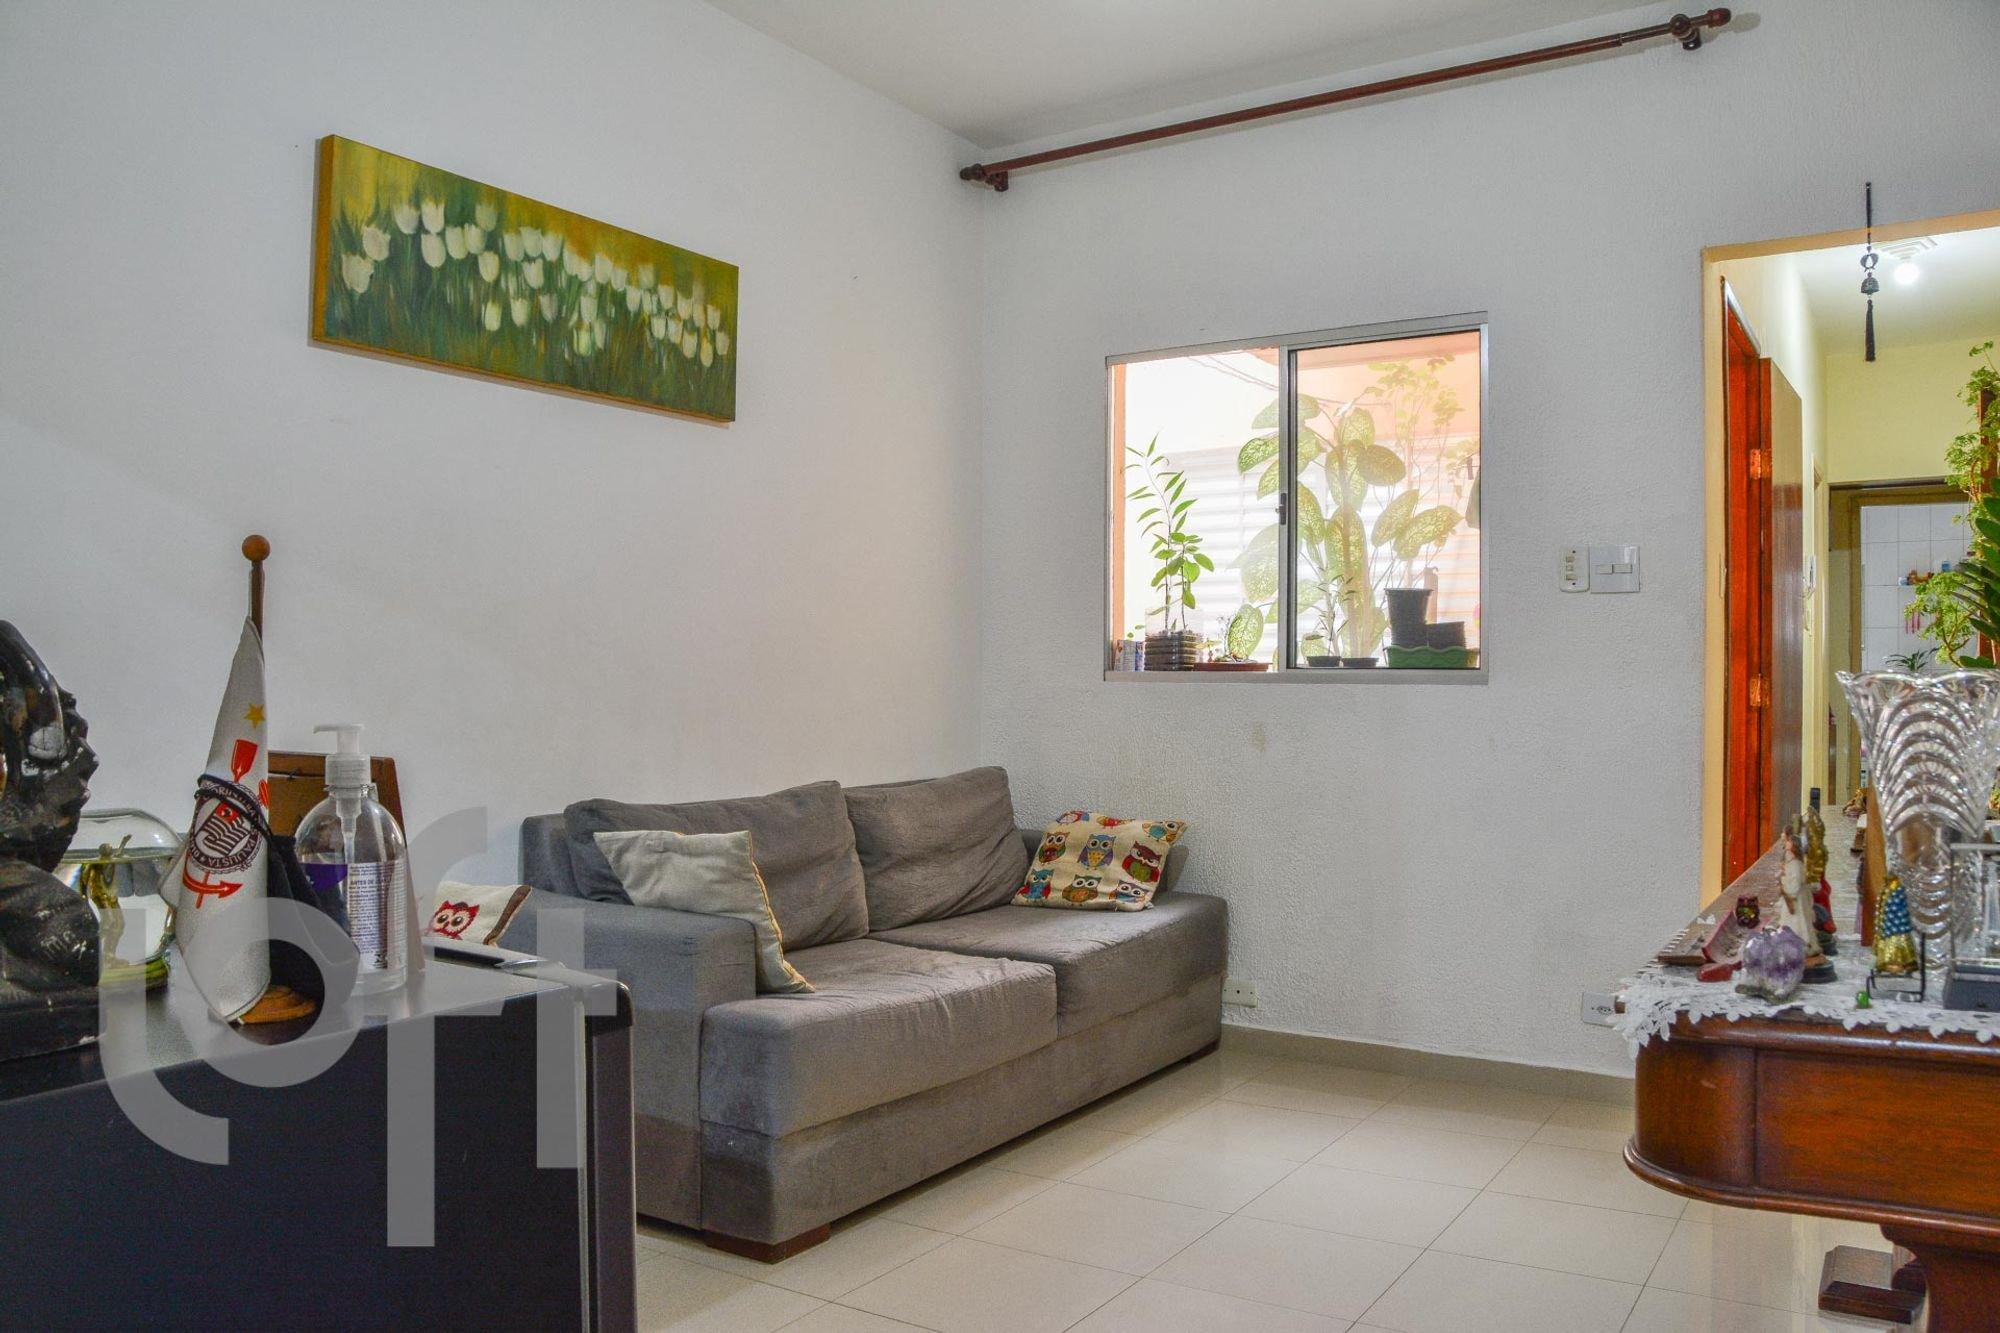 Foto de Quarto com sofá, cadeira